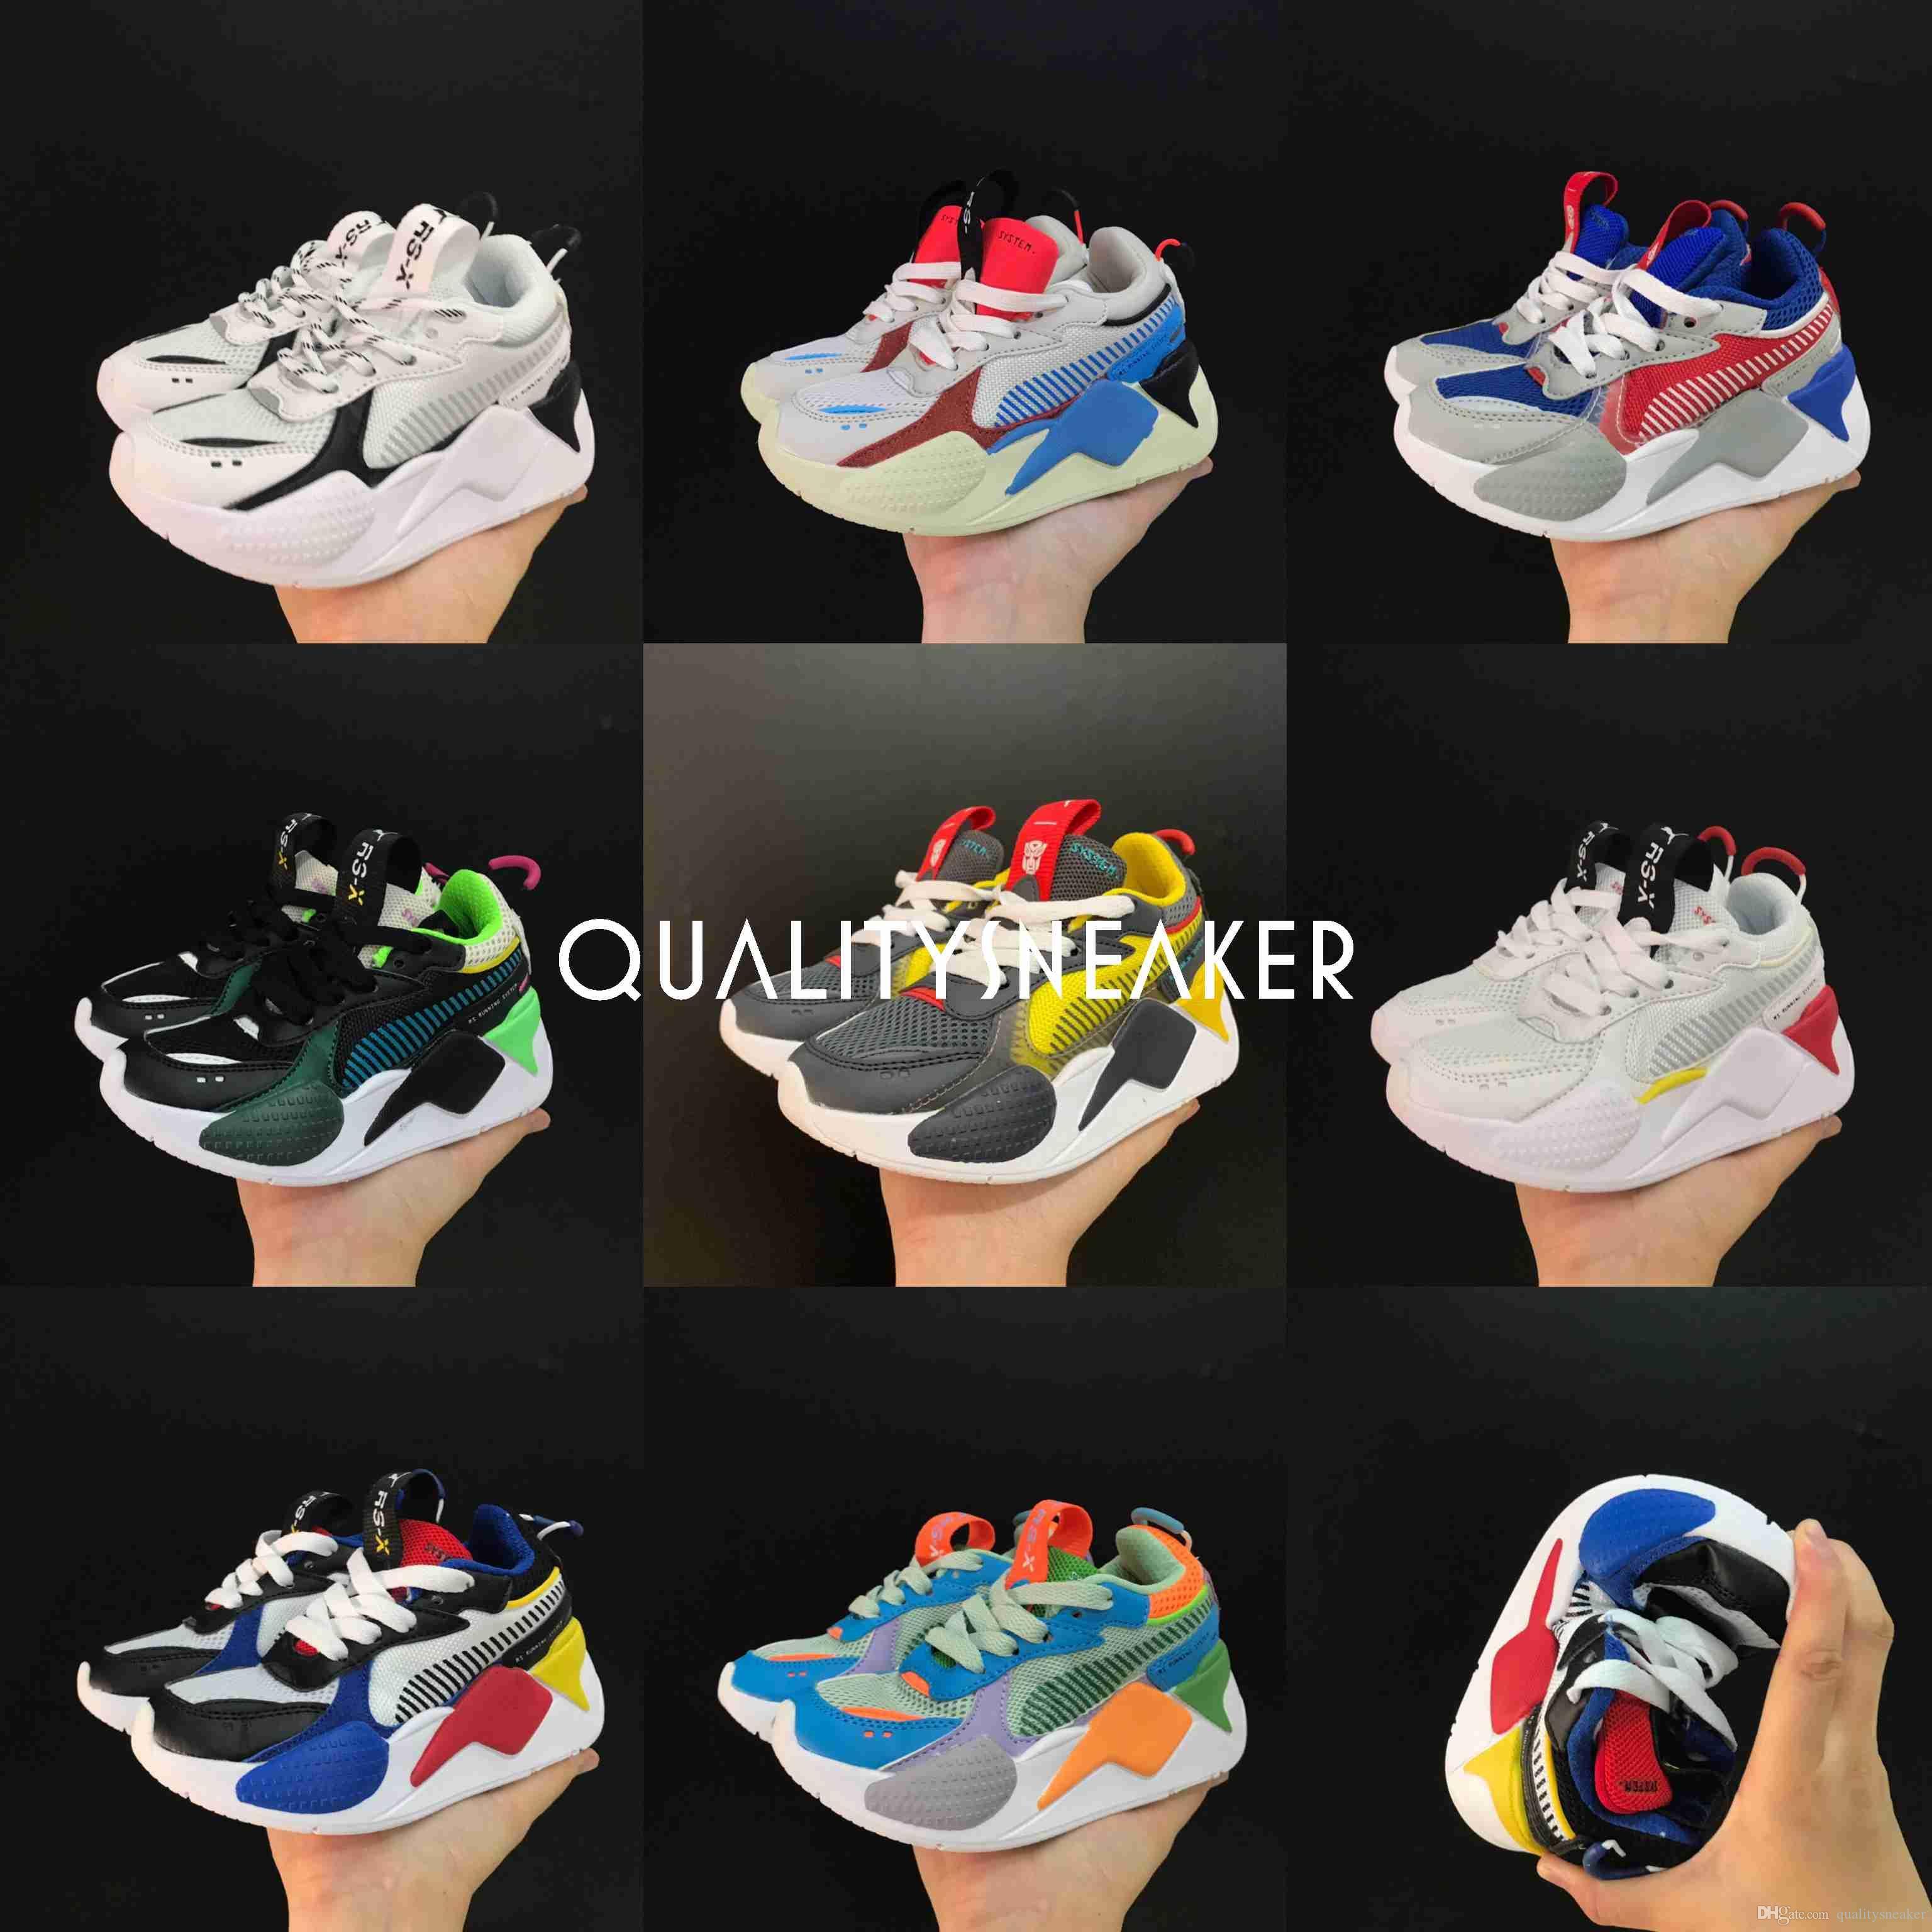 حار الكبير للأطفال RX-S لعب الاحذية الأطفال بوي بنات عارضة مصمم الاحذية الفاخرة أحذية كرة السلة احذية رياضية في الهواء الطلق طفل